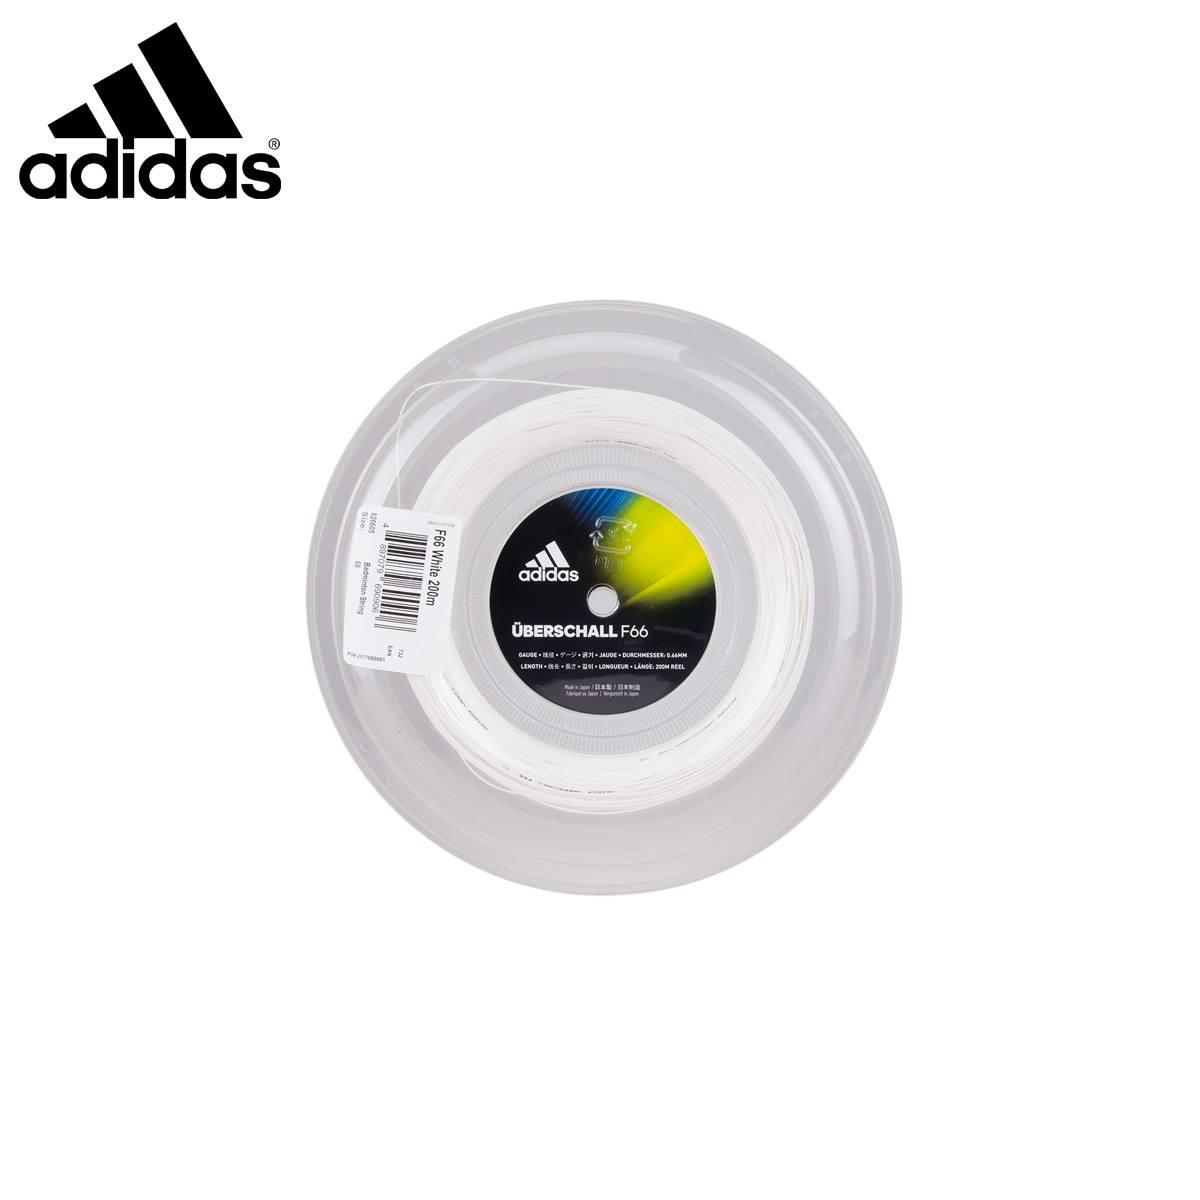 adidas ST826605 ウバシャル F66 ホワイト ロール 200m バドミントンストリング(ガット) アディダス 2018FW【取り寄せ】